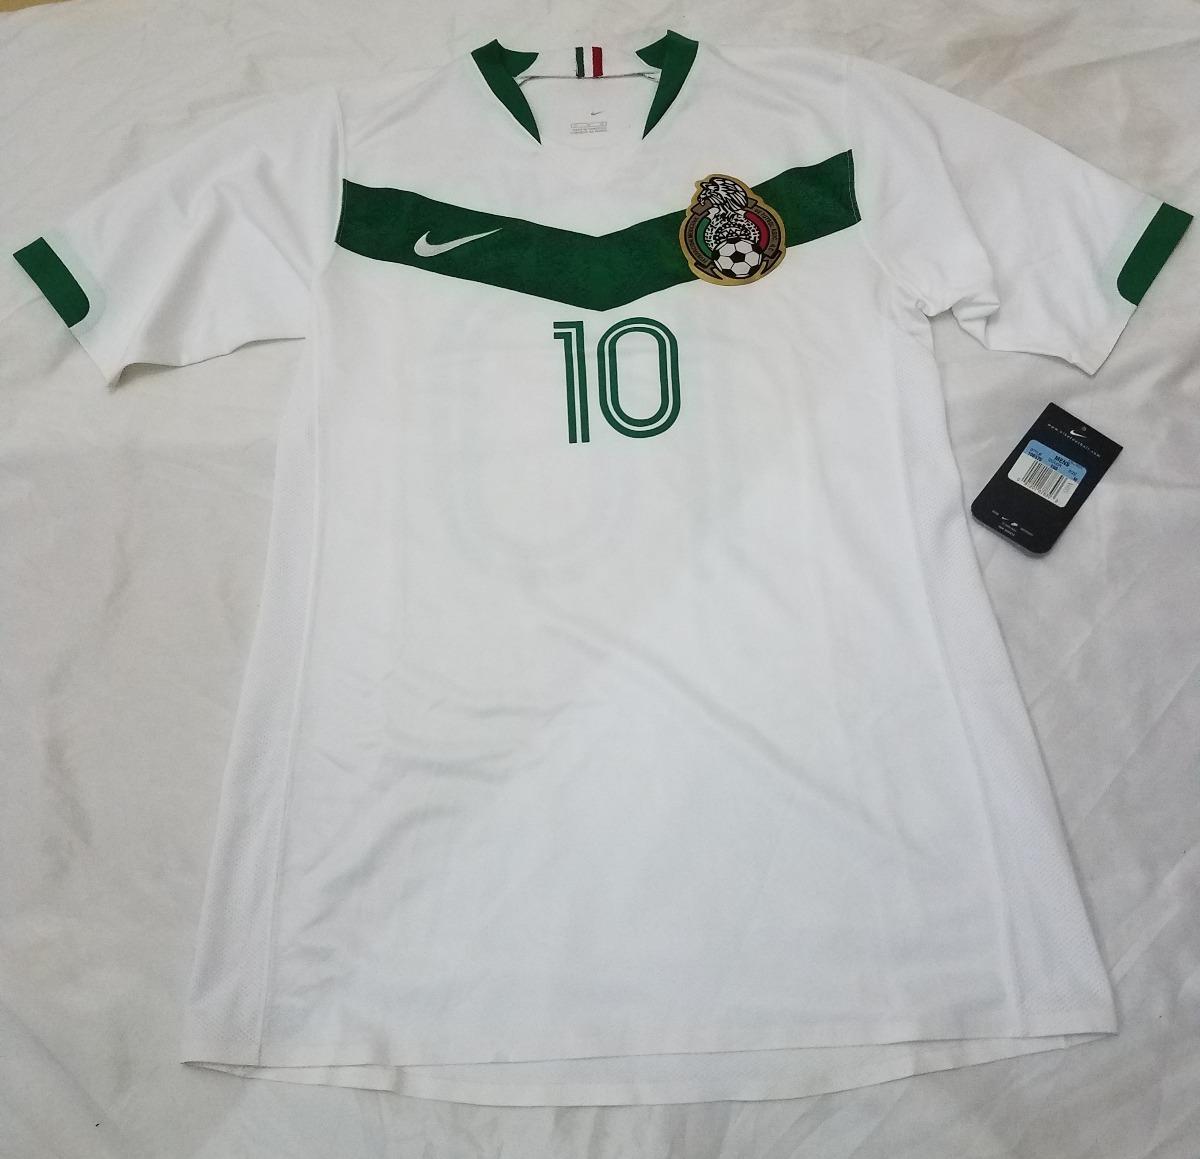 eefc27498a826 jersey mexico 2006 visita utileria jugador cuauhtemoc blanco. Cargando zoom.